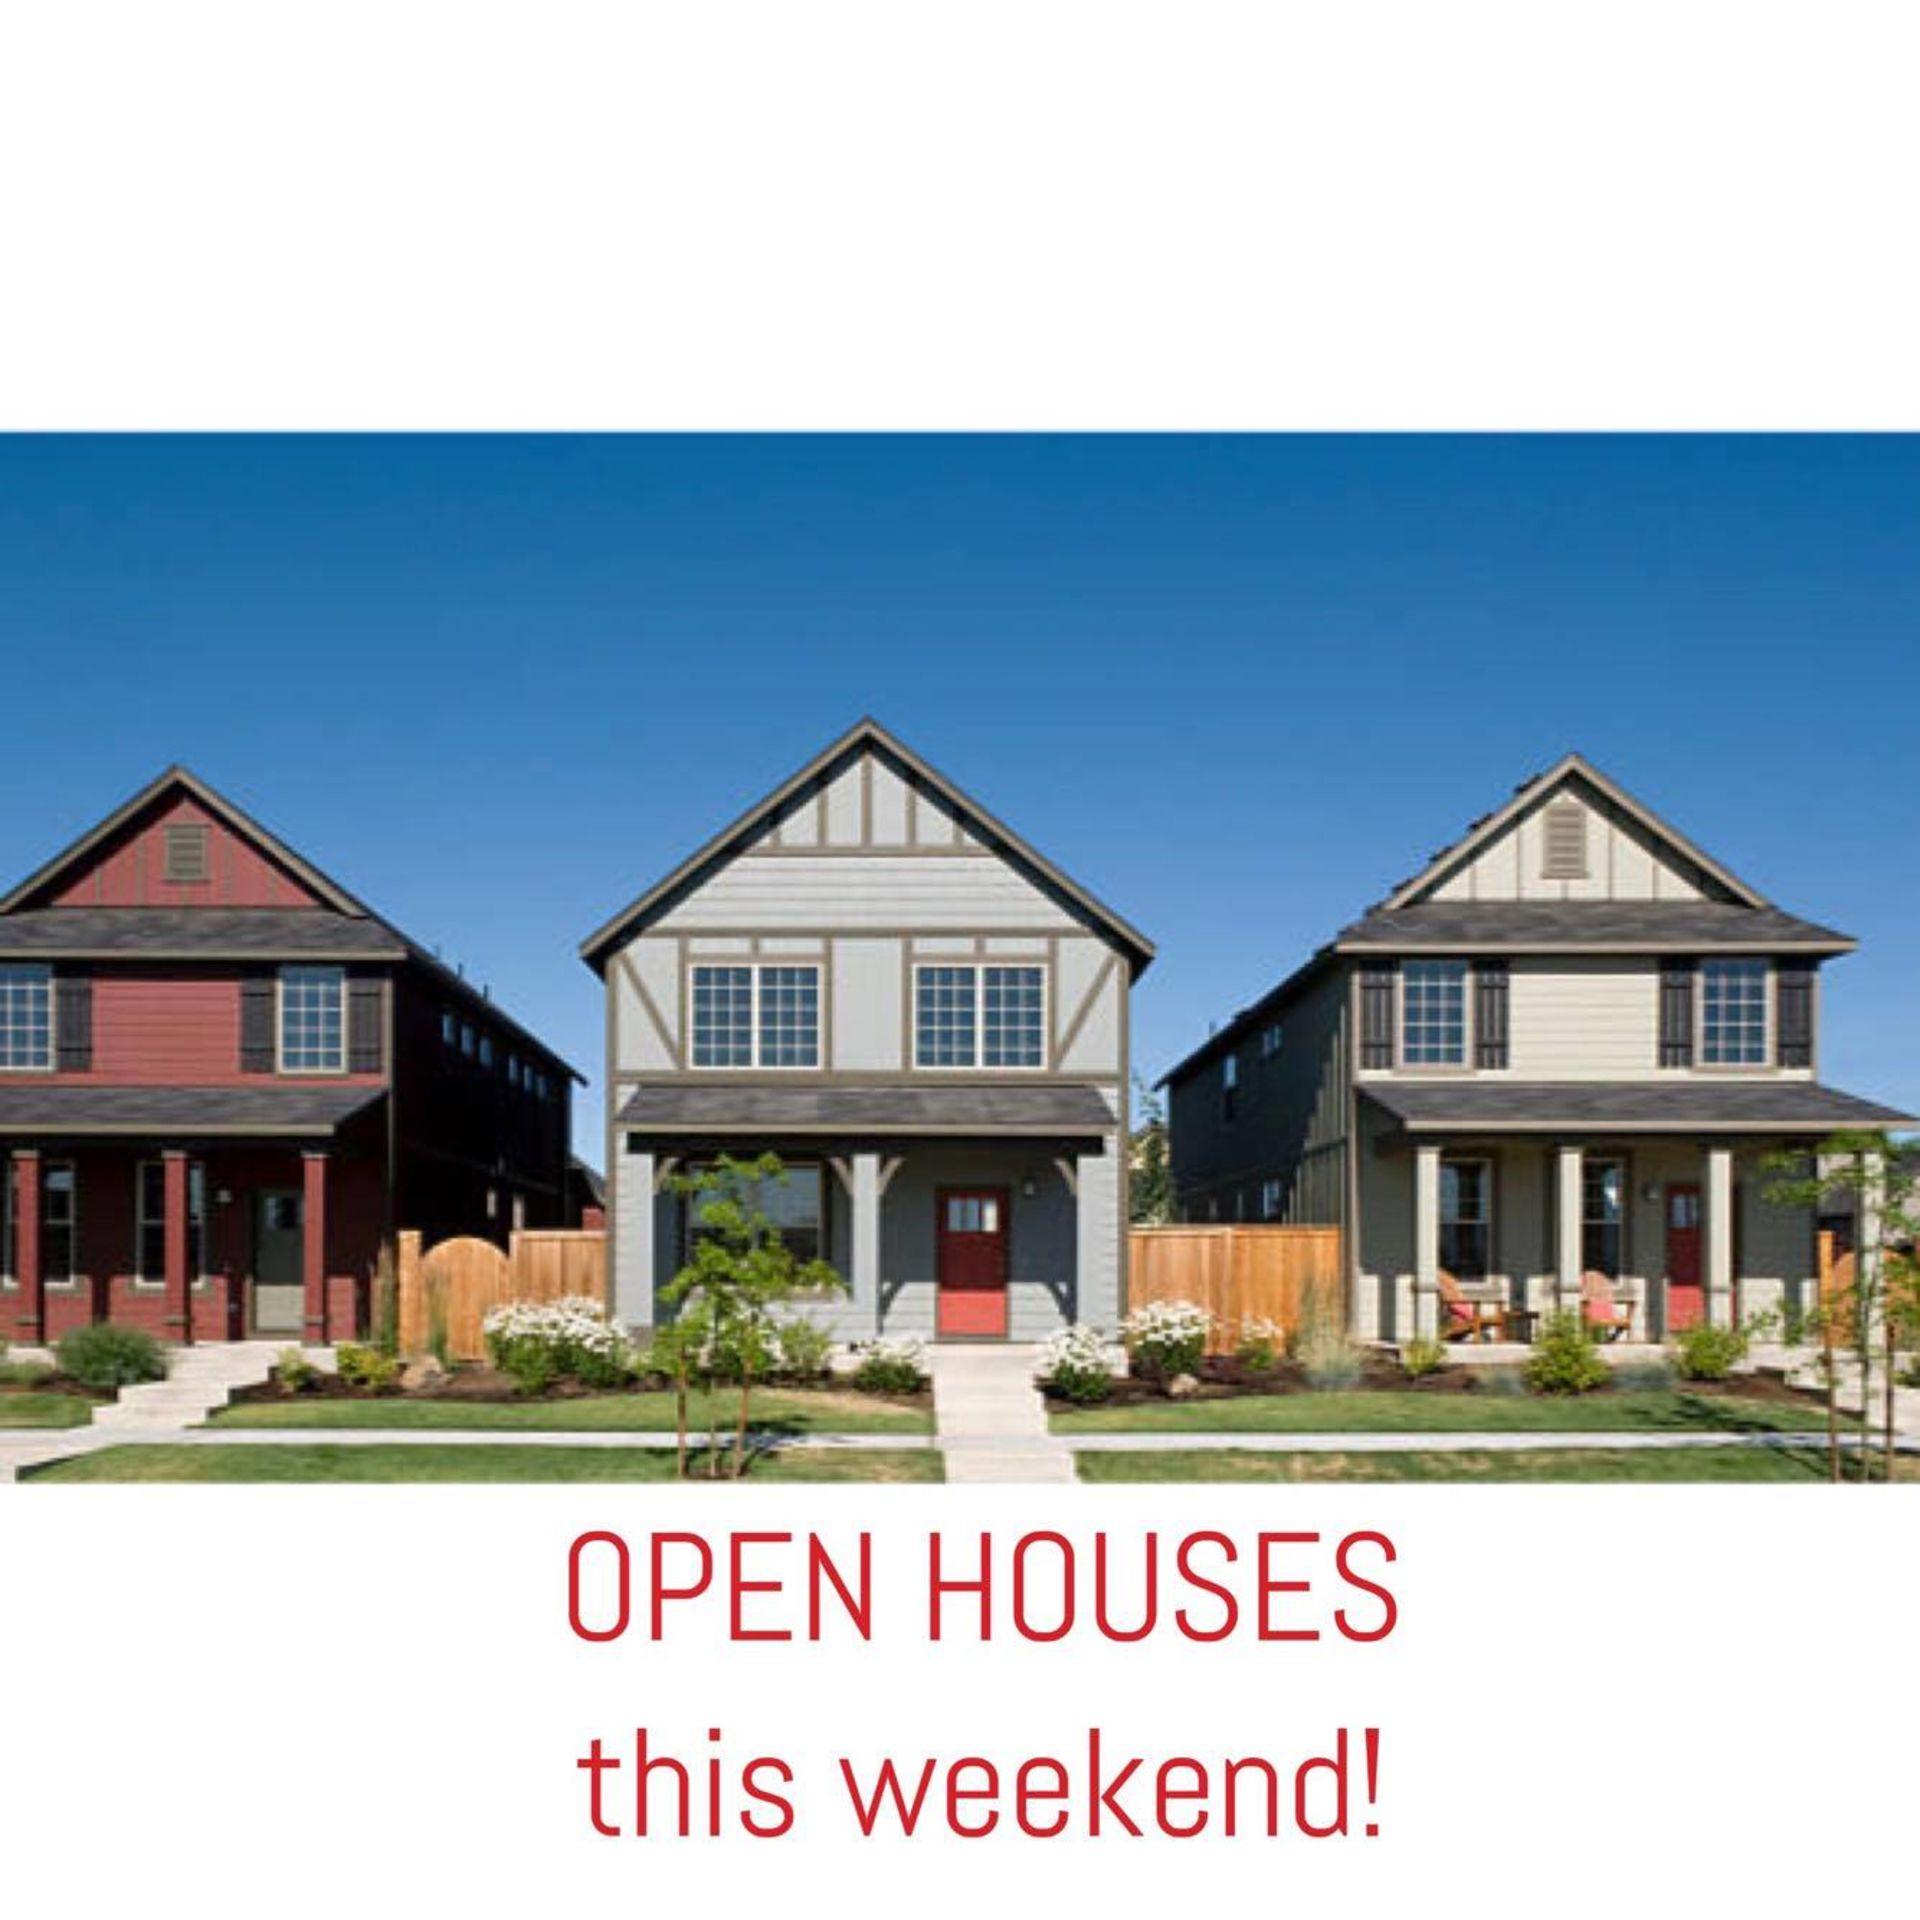 Open Houses Nov 25 & 26 in WNY